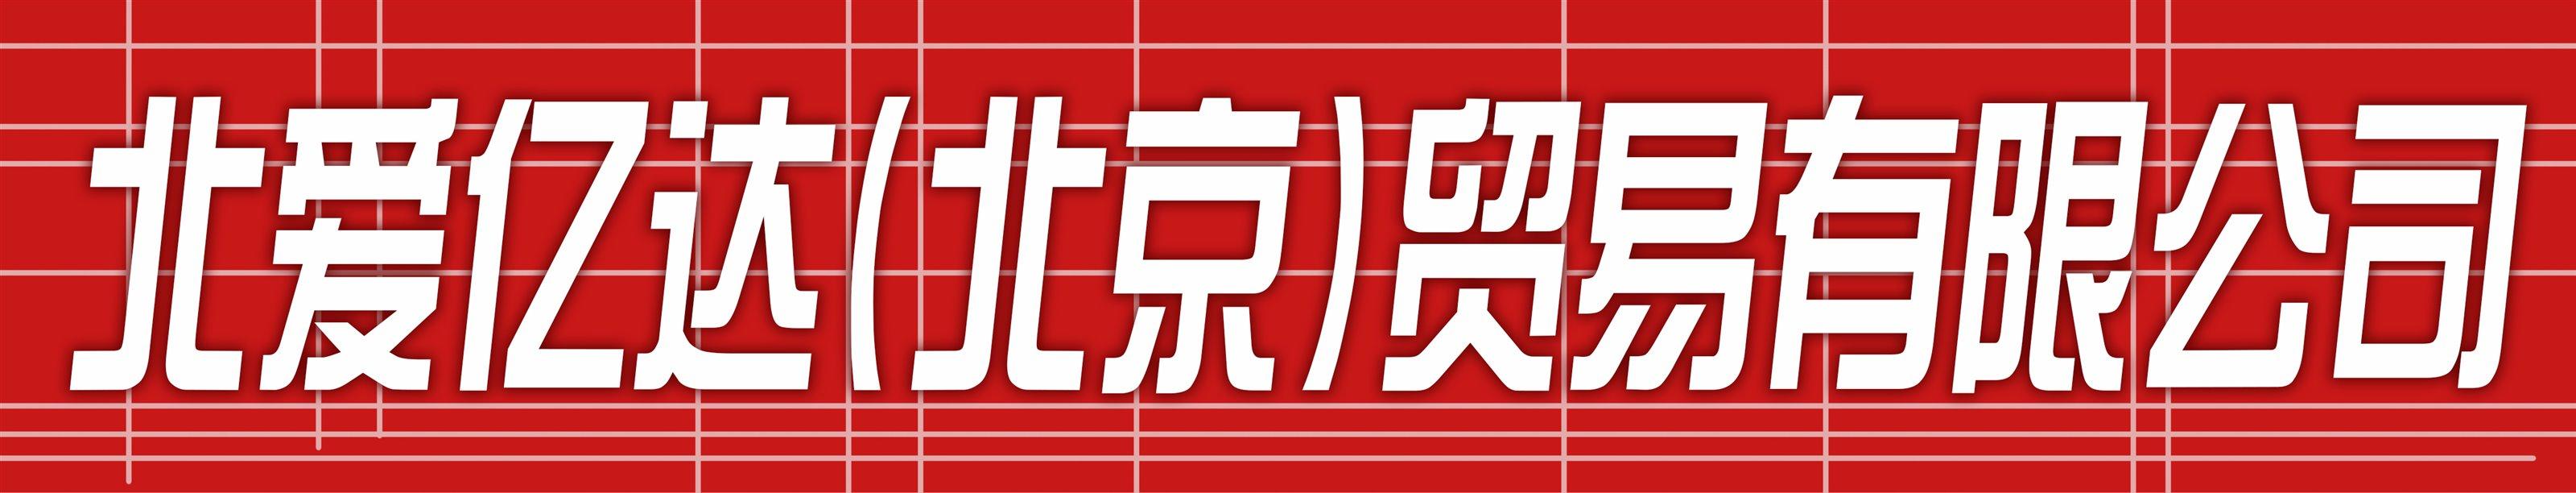 北爱亿达(北京)贸易有限公司